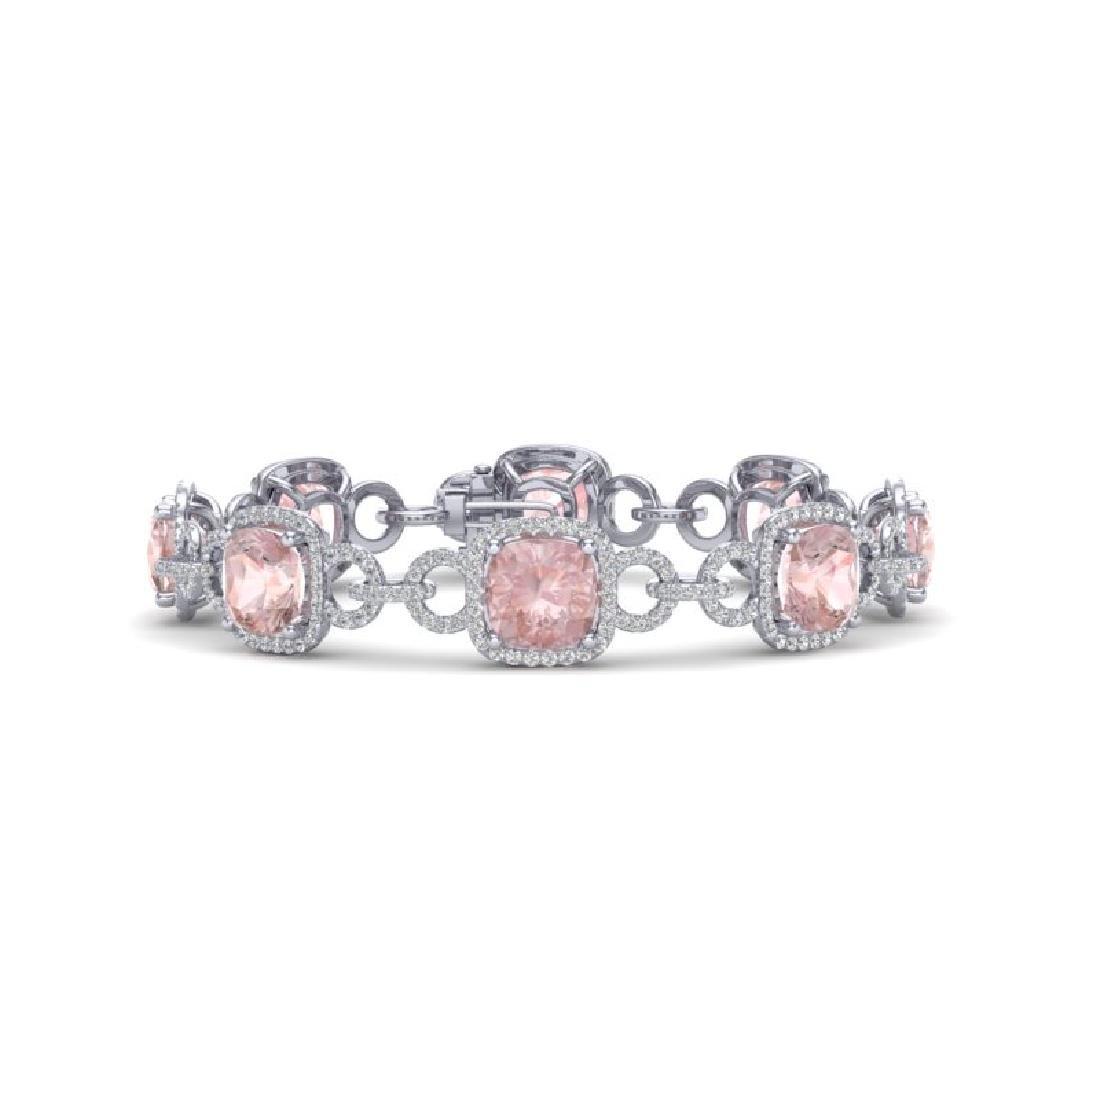 22 CTW Morganite & VS/SI Diamond Bracelet 14K White